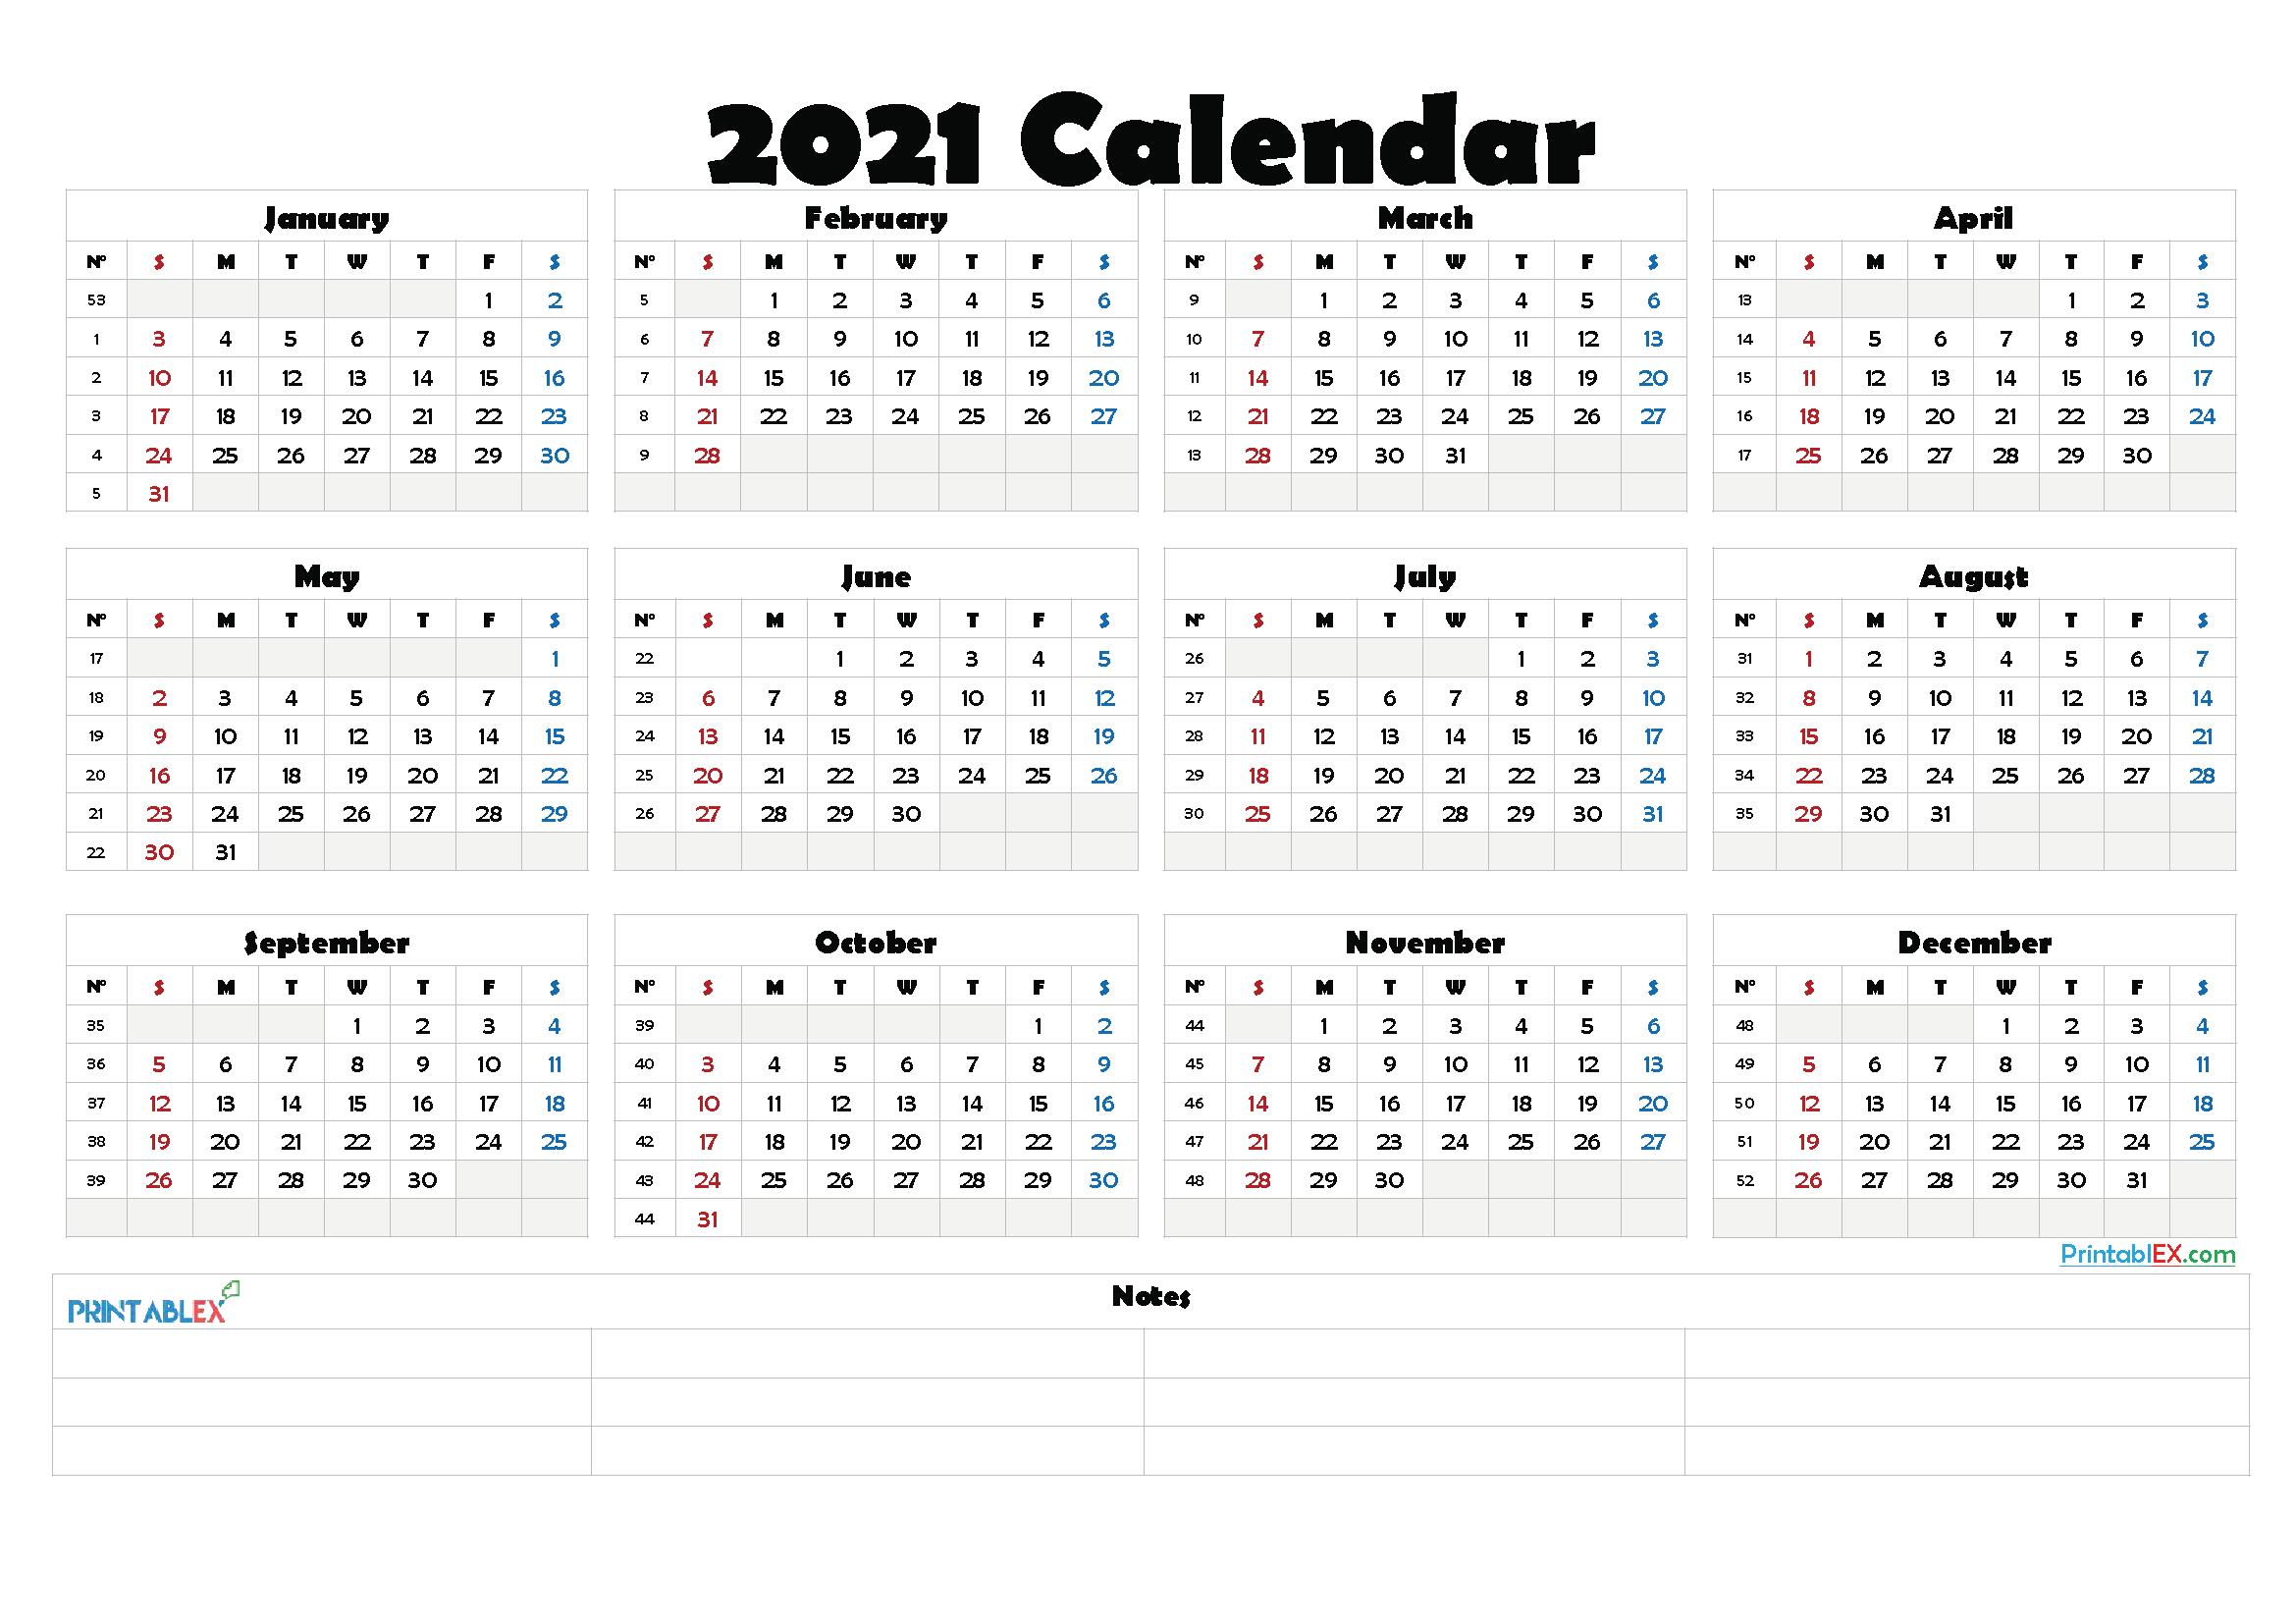 2021 Calendar Template With Week Numbers | 2022 Calendar-Excel Calendar 2021 With Week Numbers